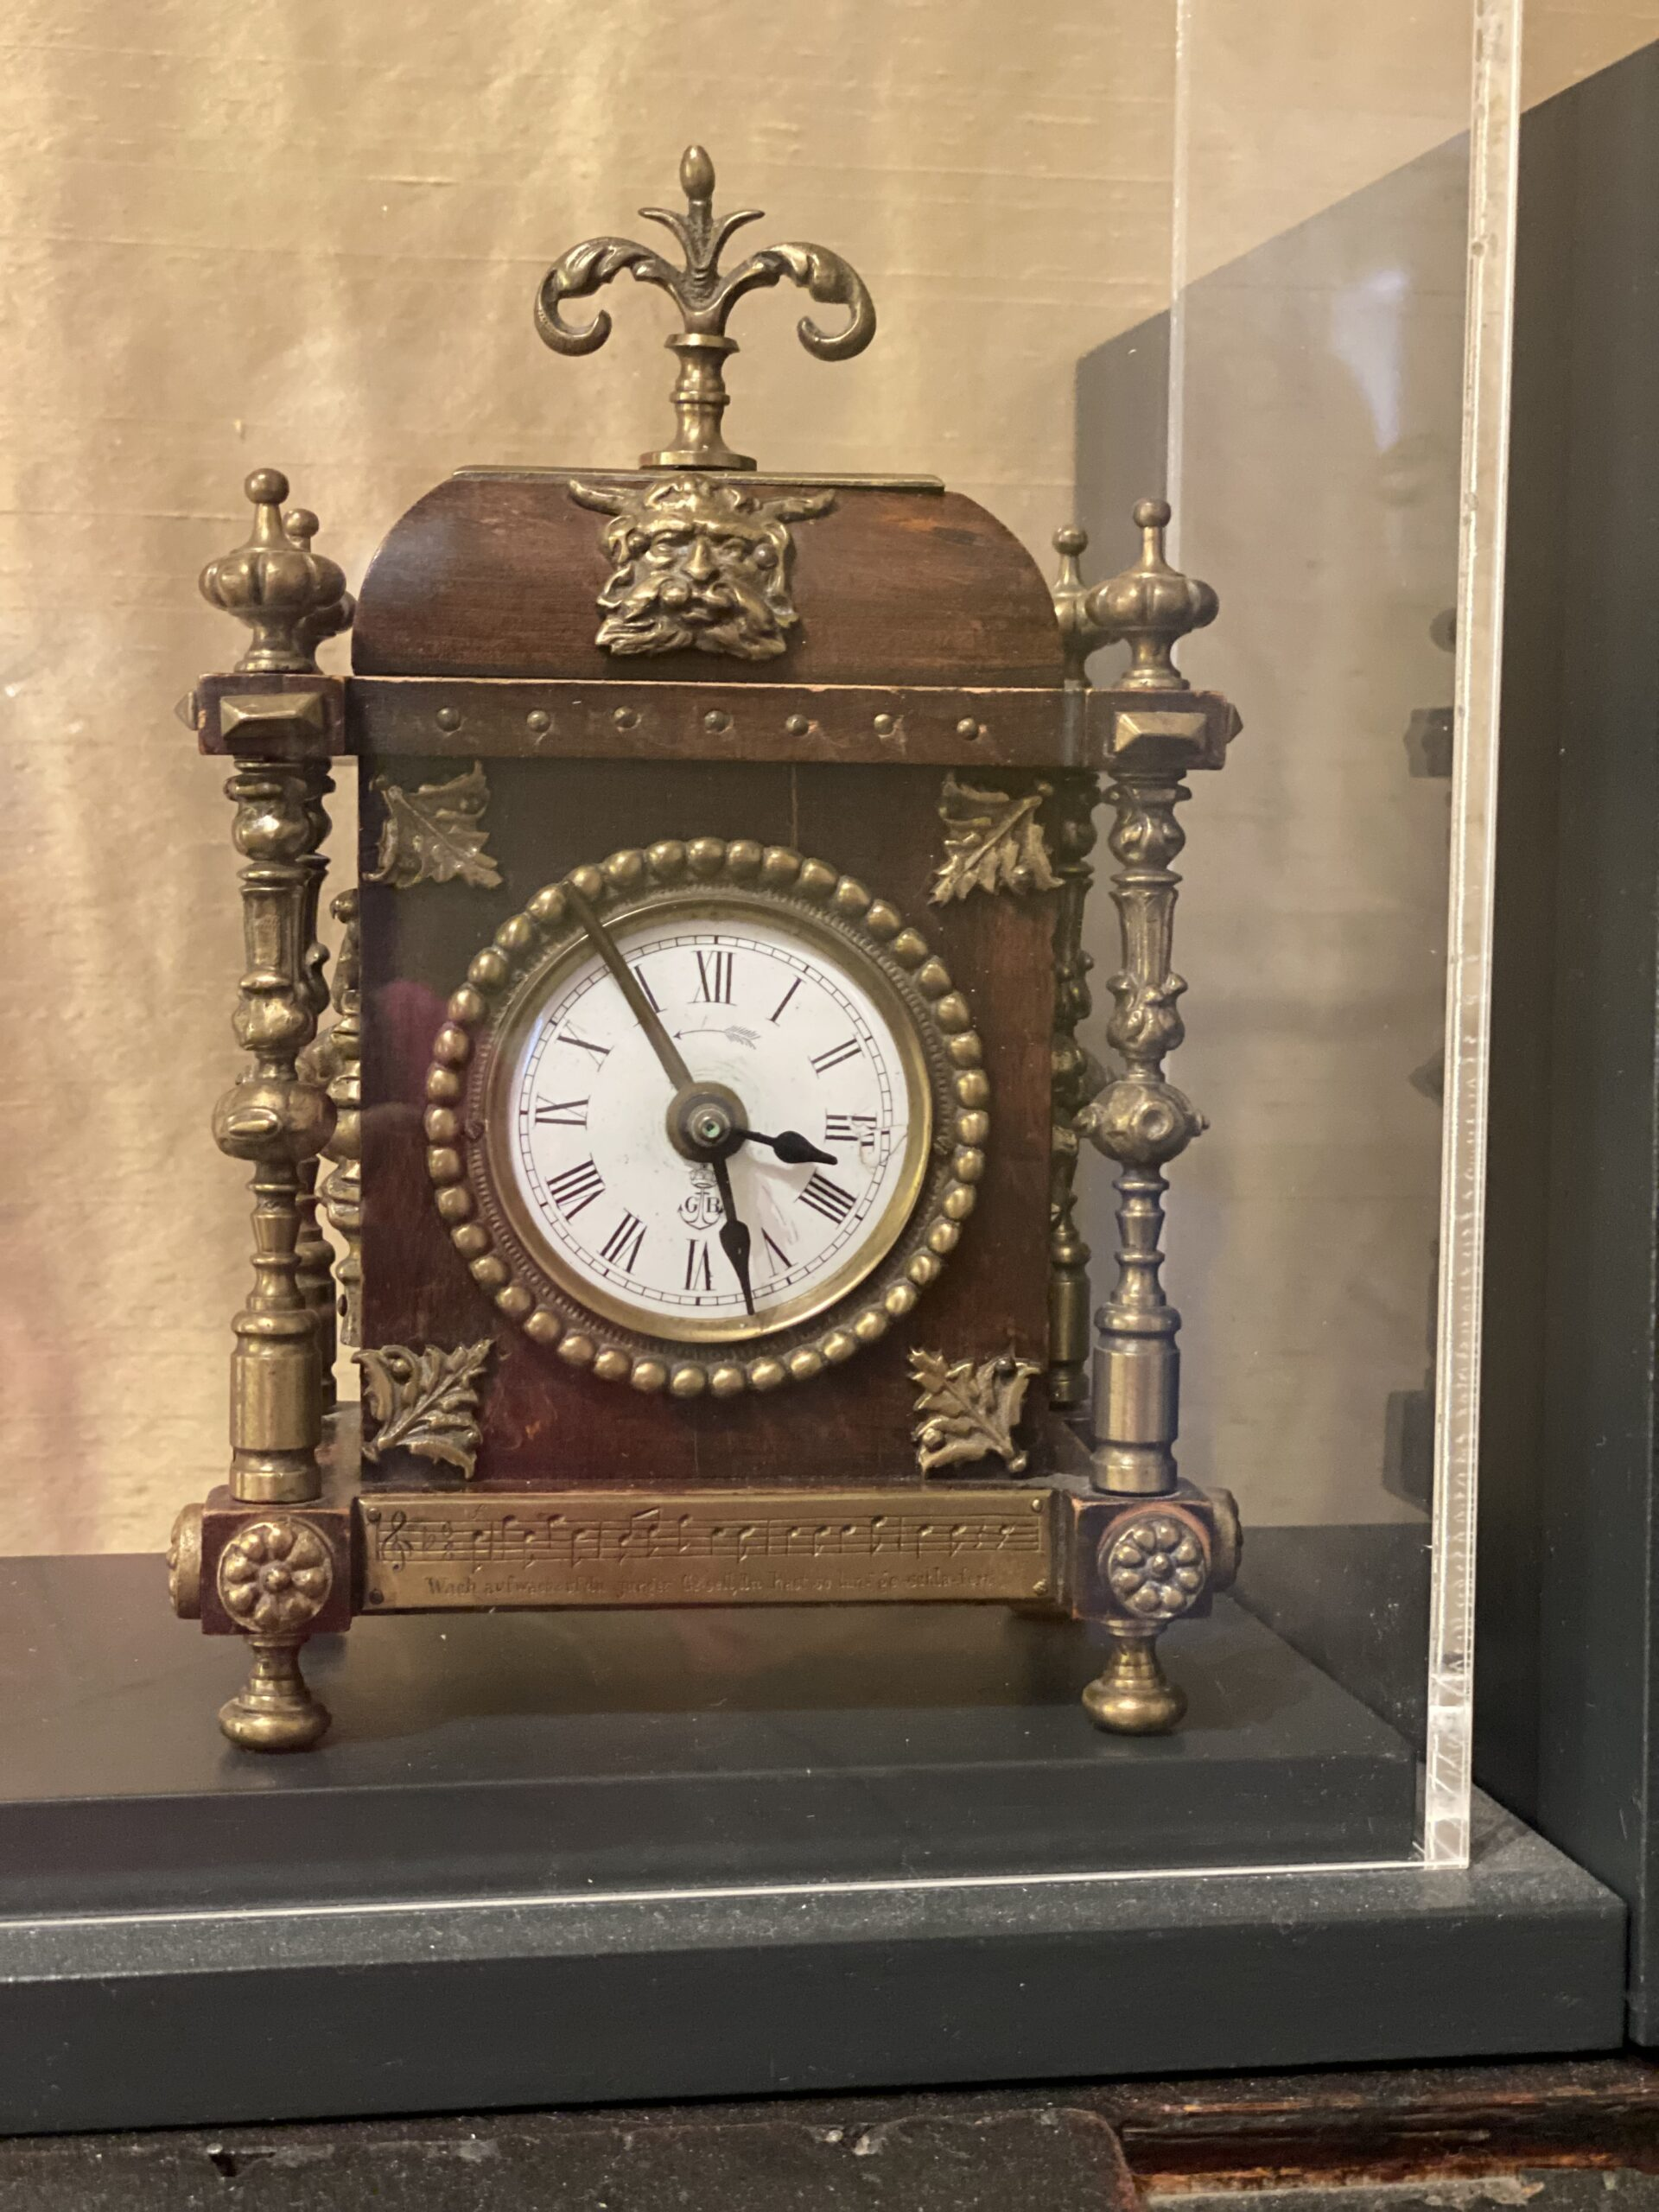 Brahms Institut Uhr 2 scaled